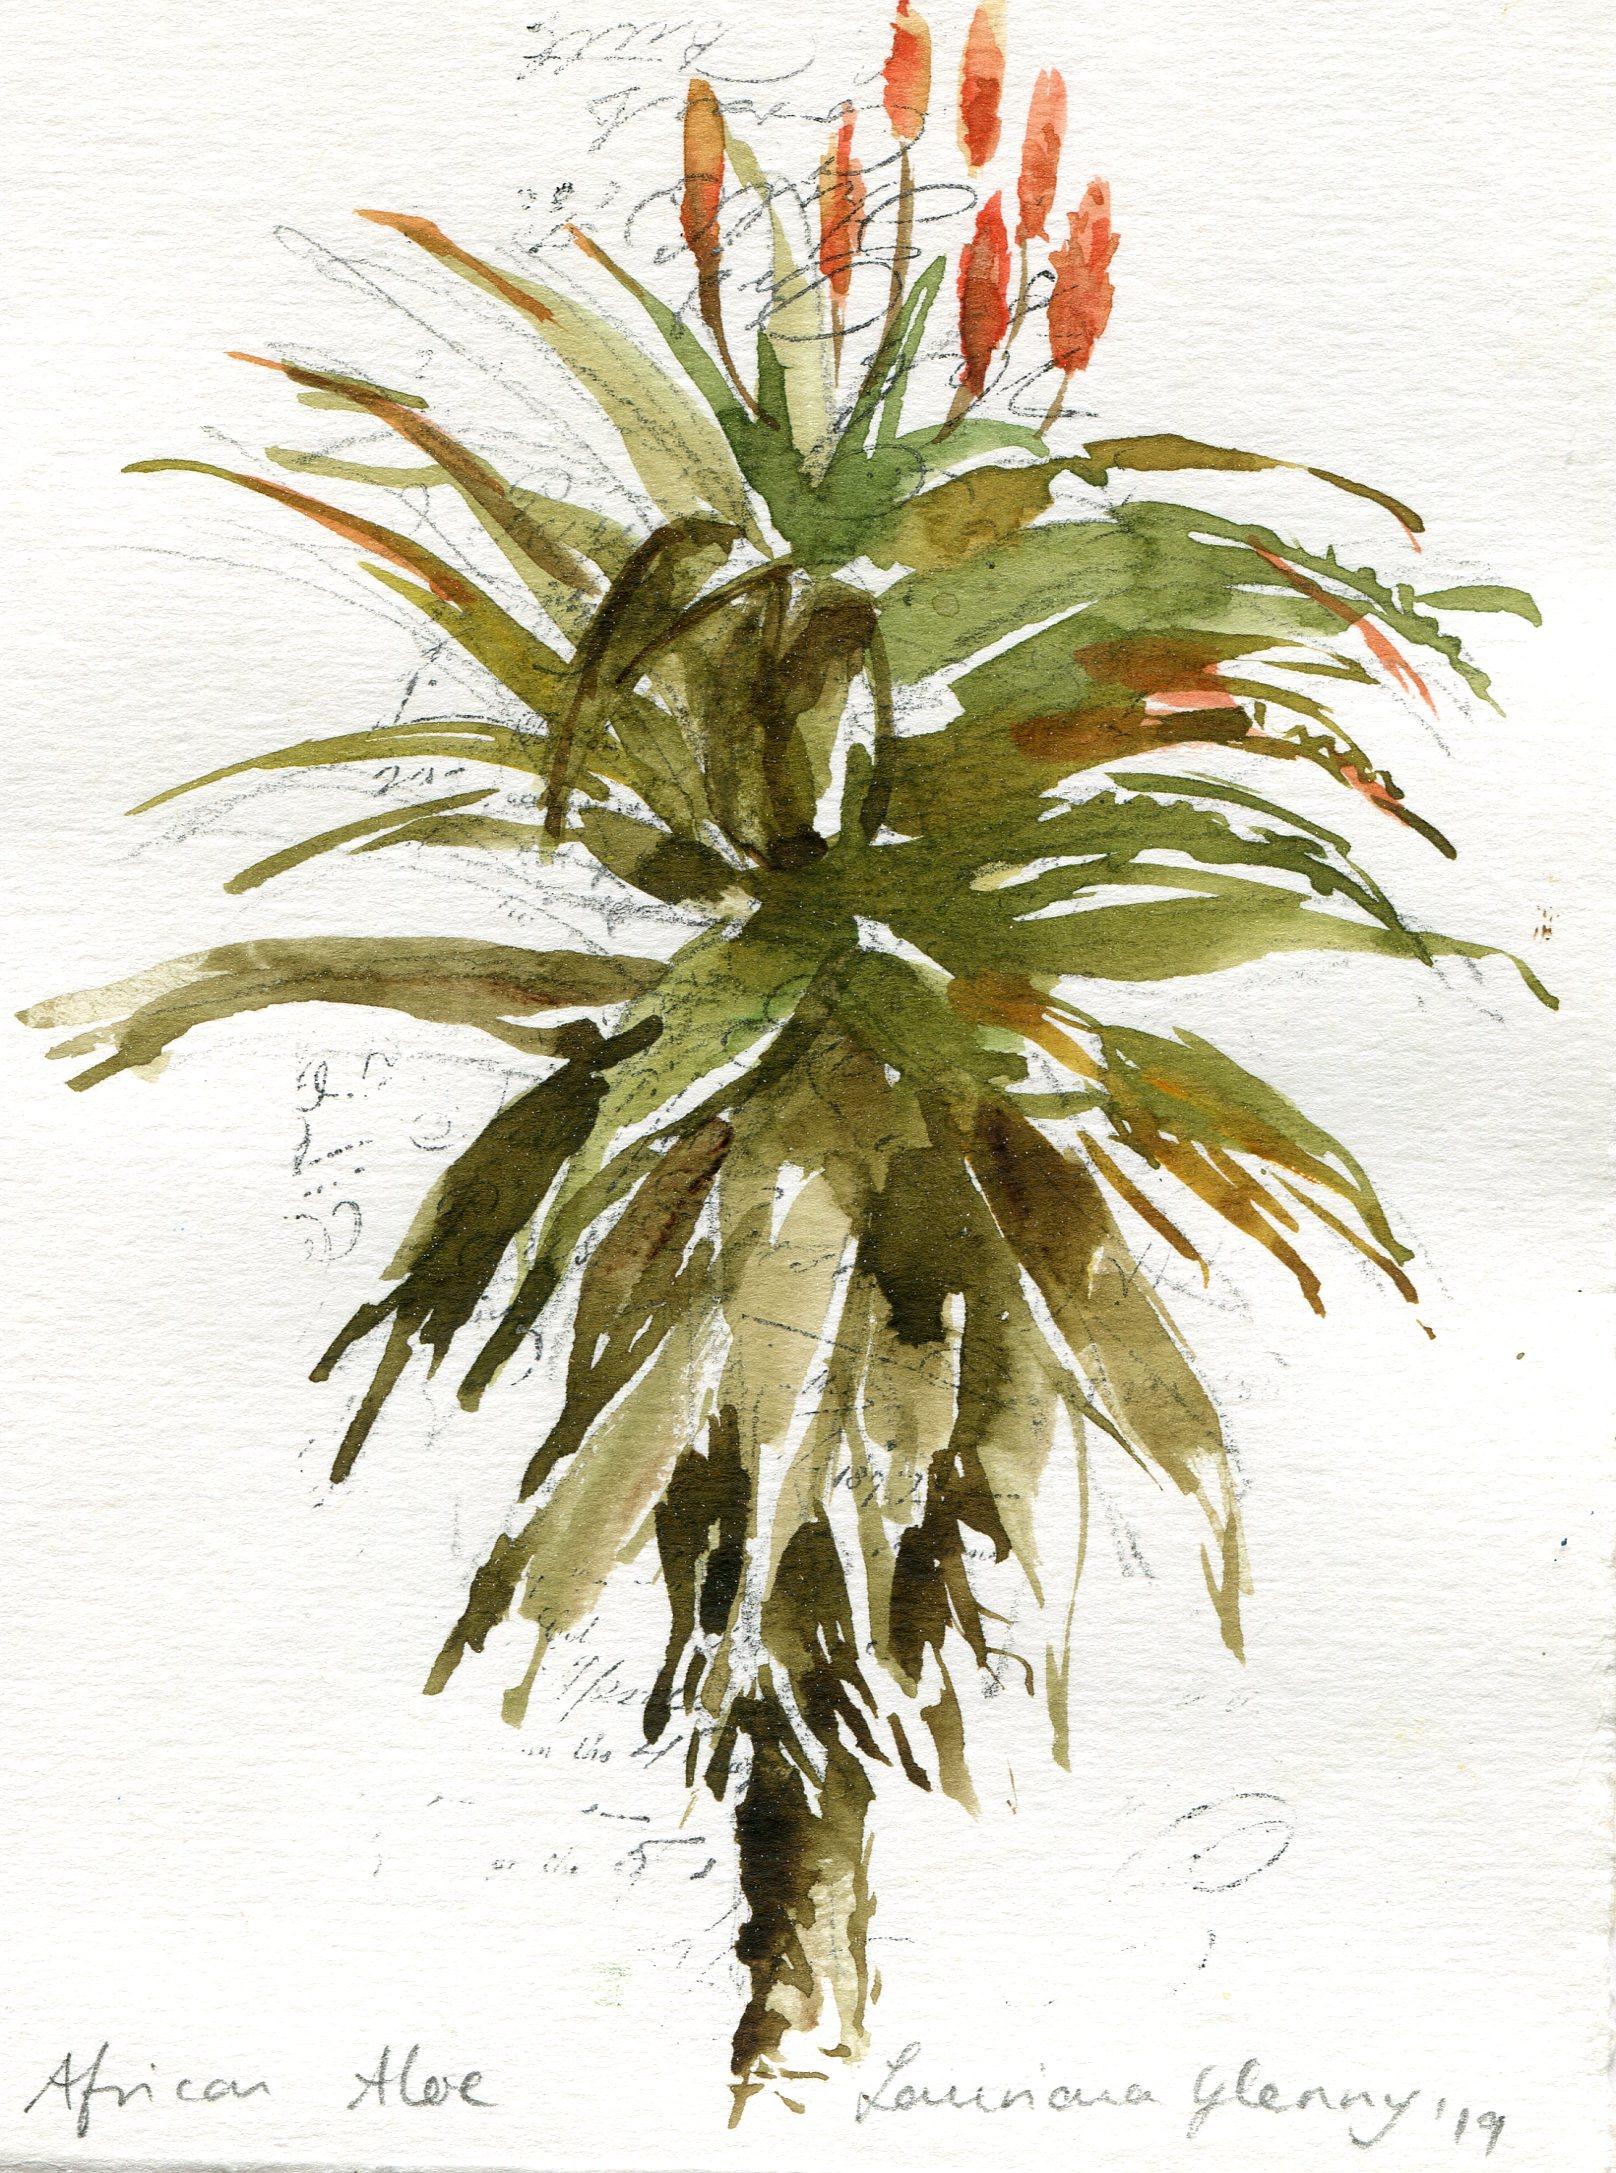 39a  Lauriana Glenny  Aloe I  watercolour on paper